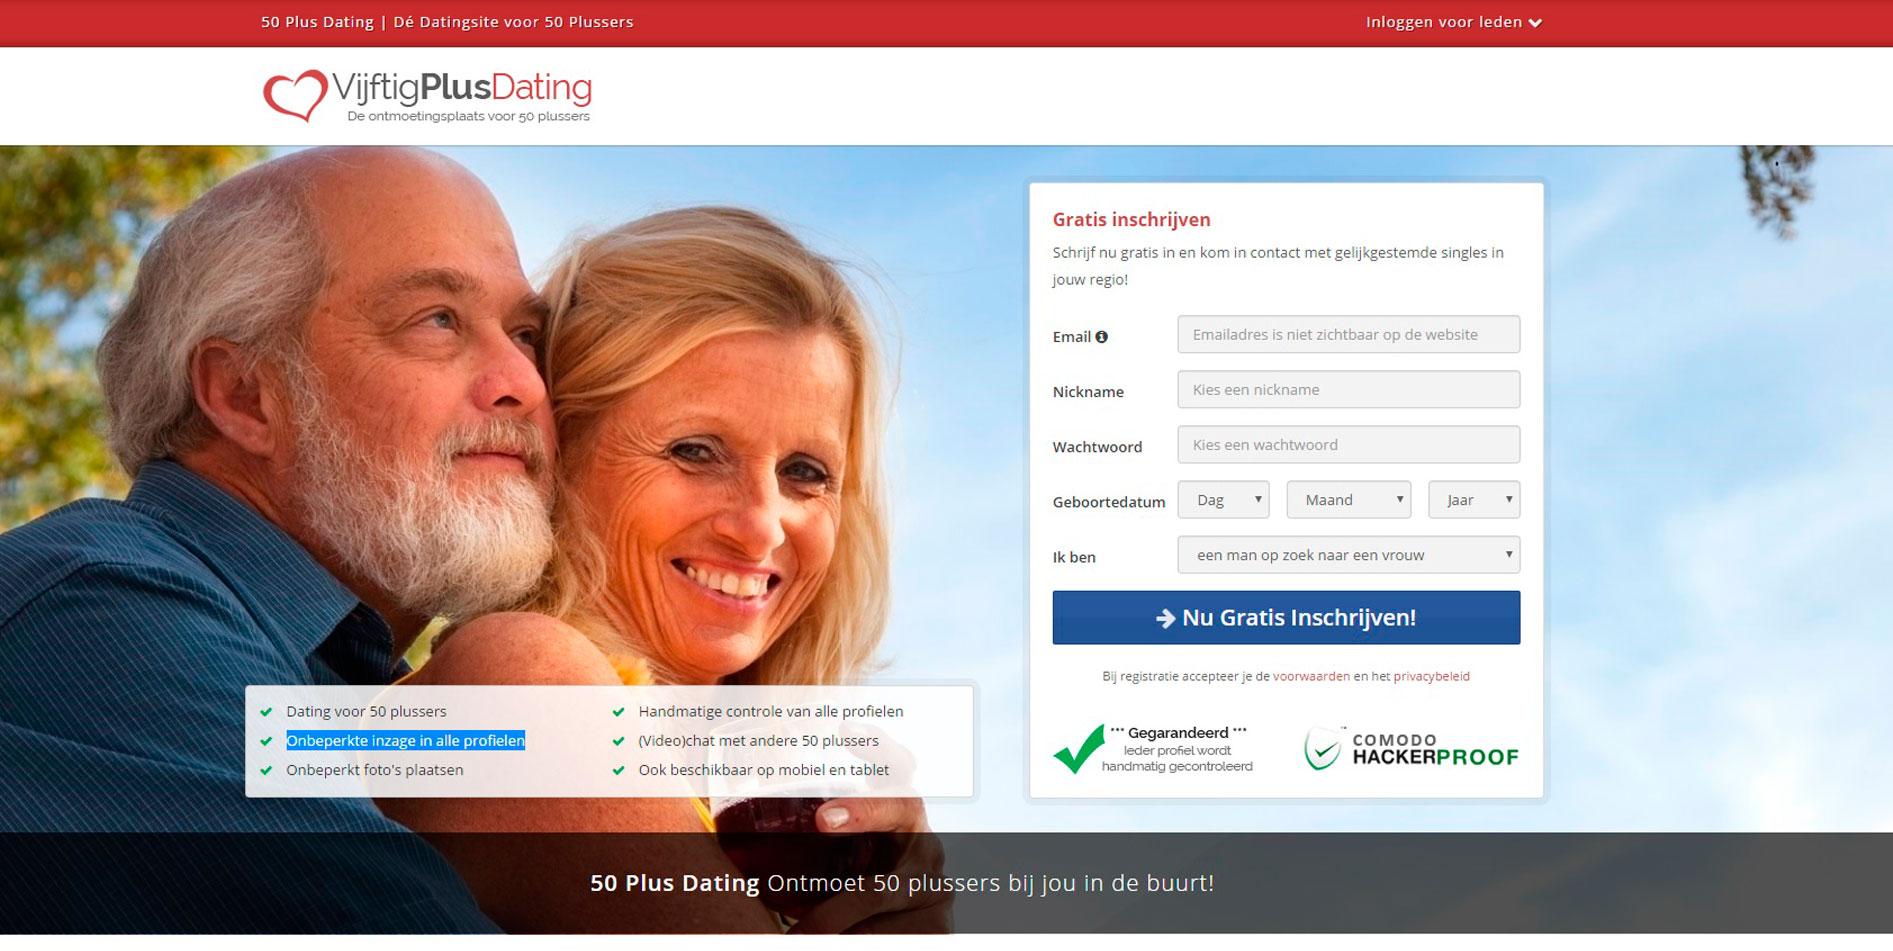 vergelijk datingsites Rotterdam